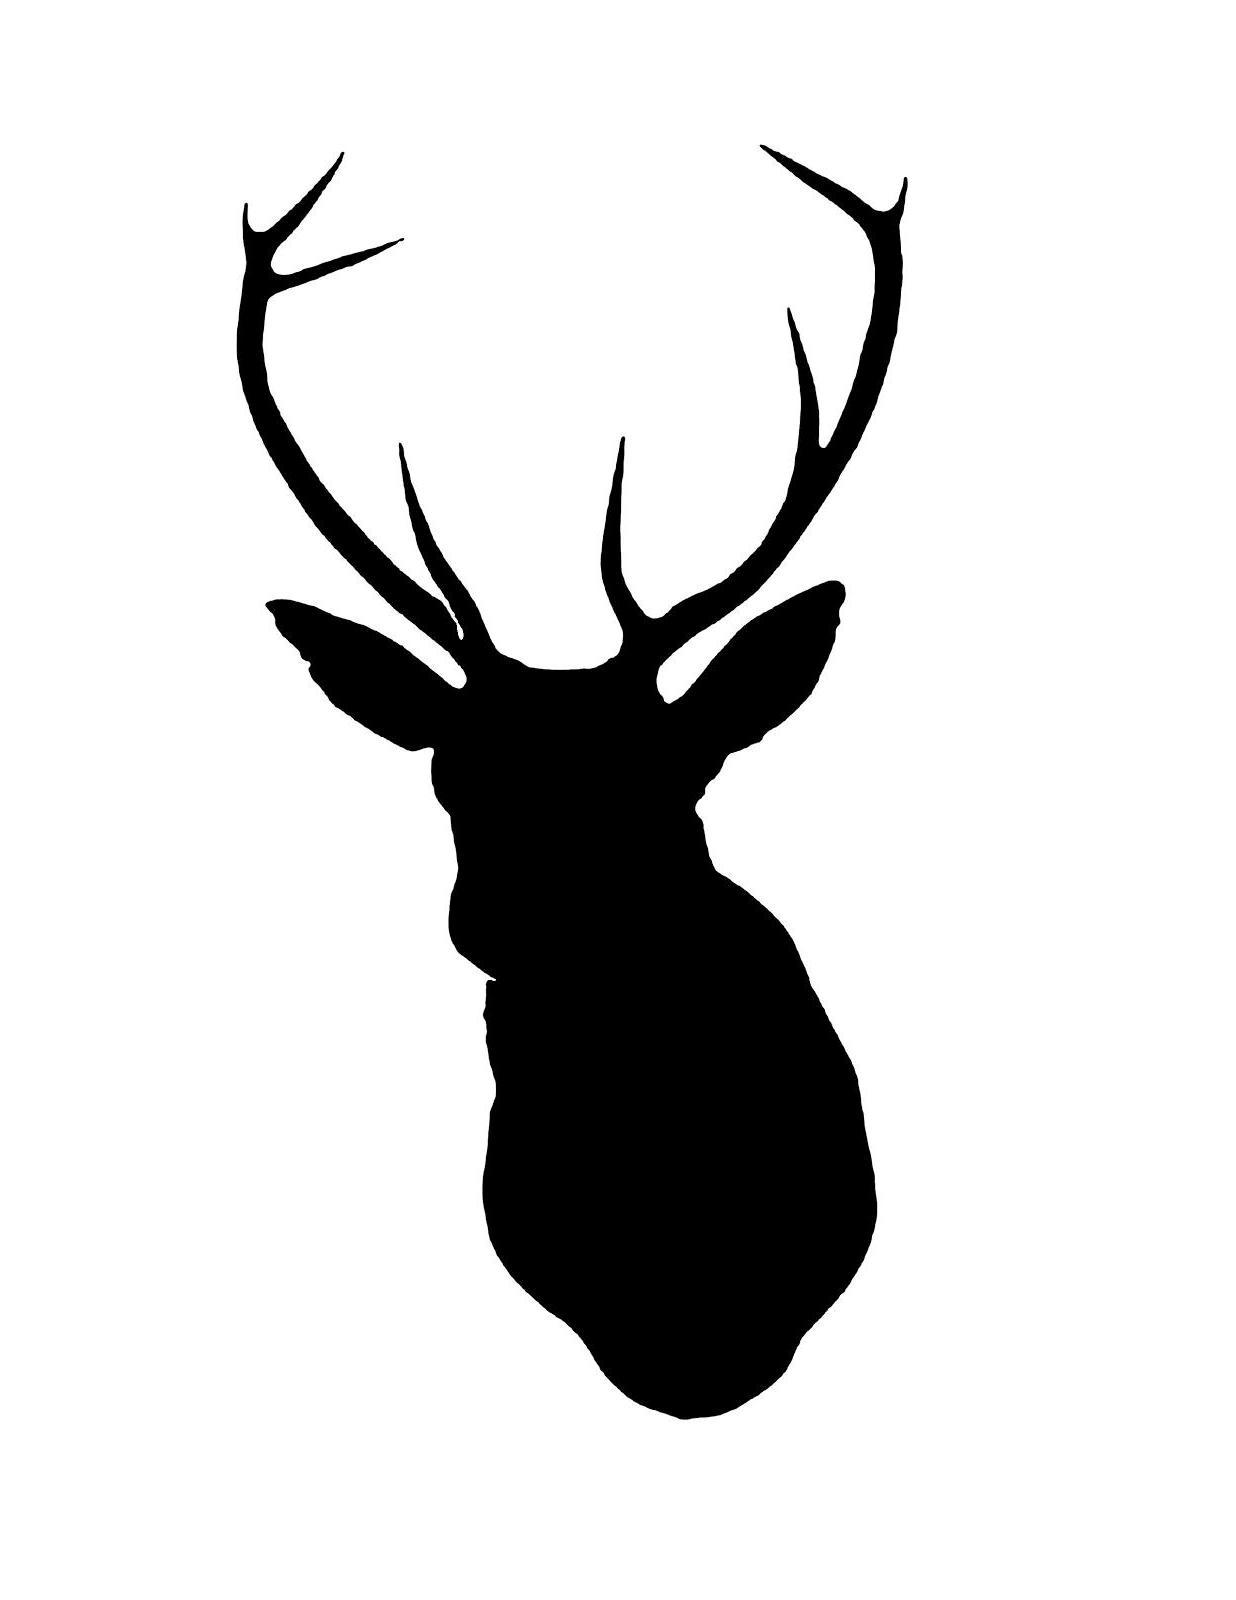 Reindeer Head Silhouette Printable At Getdrawings Free For